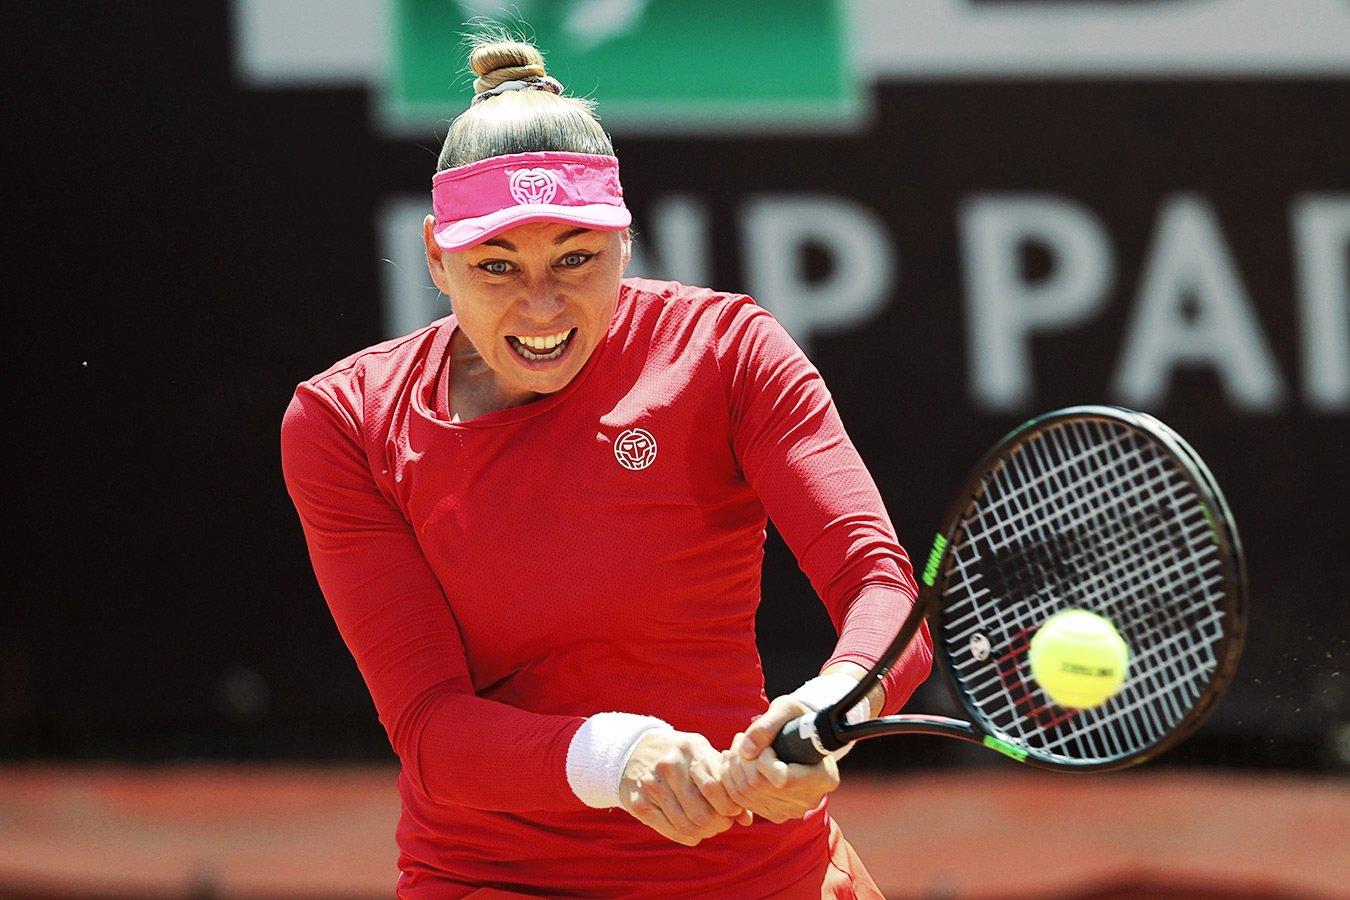 Вера Звонарёва проиграла в финале квалификации «Ролан Гаррос», ведя по ходу матча 6:2, 5:1